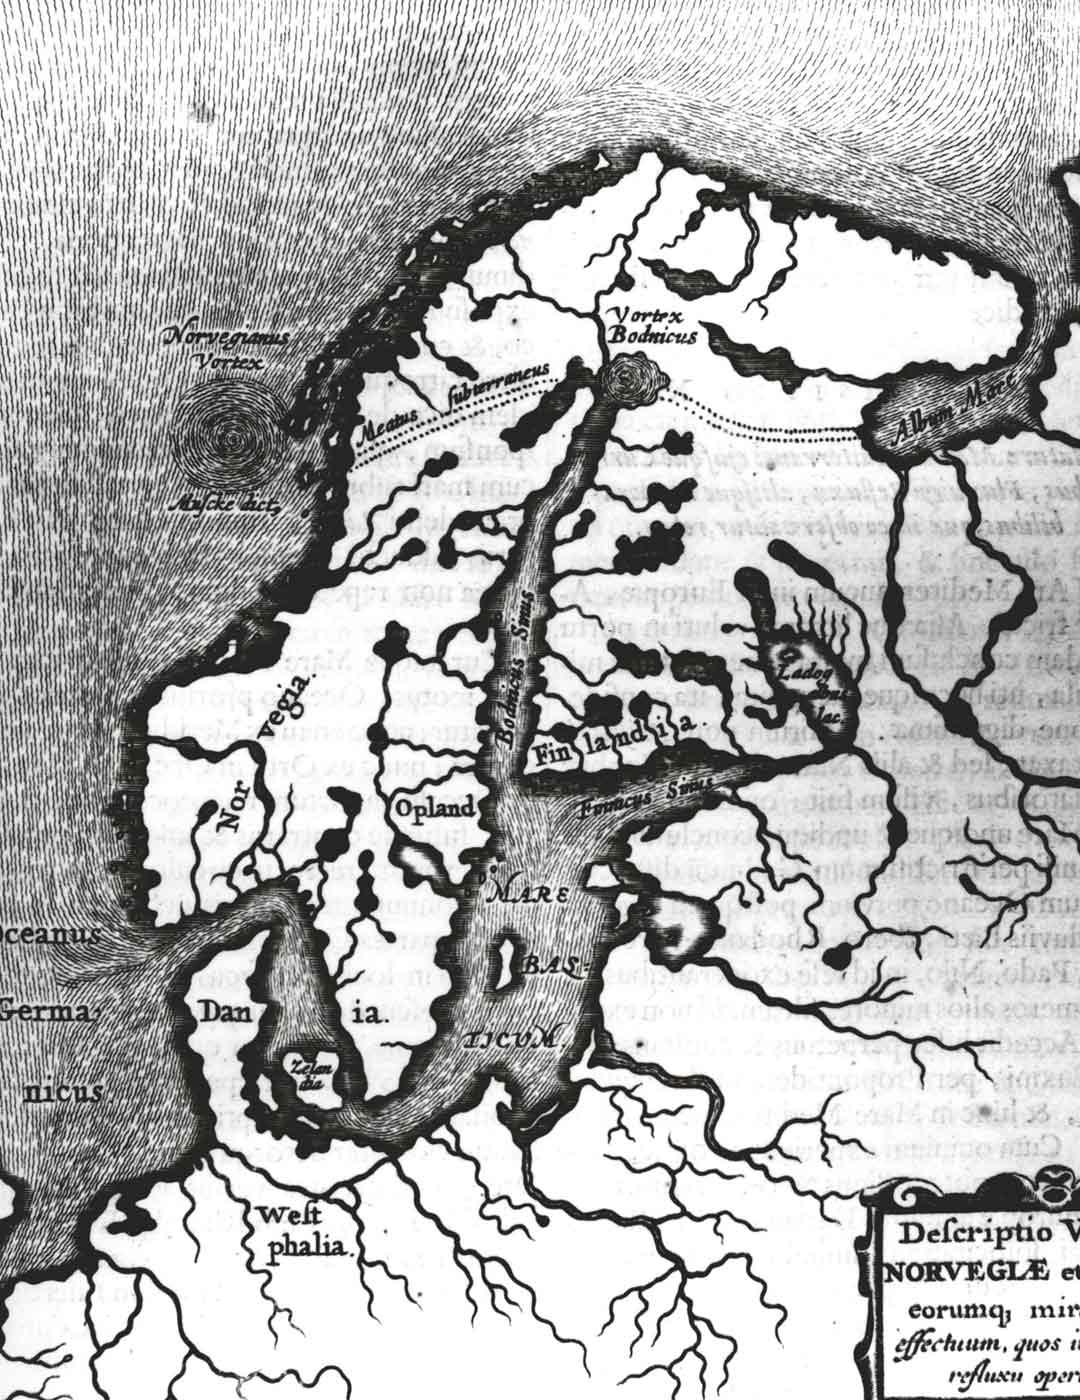 Ruotsi-Suomen alue näytti 1500-luvulla tehdyn piirroksen mukaan varsin mahtavalta.